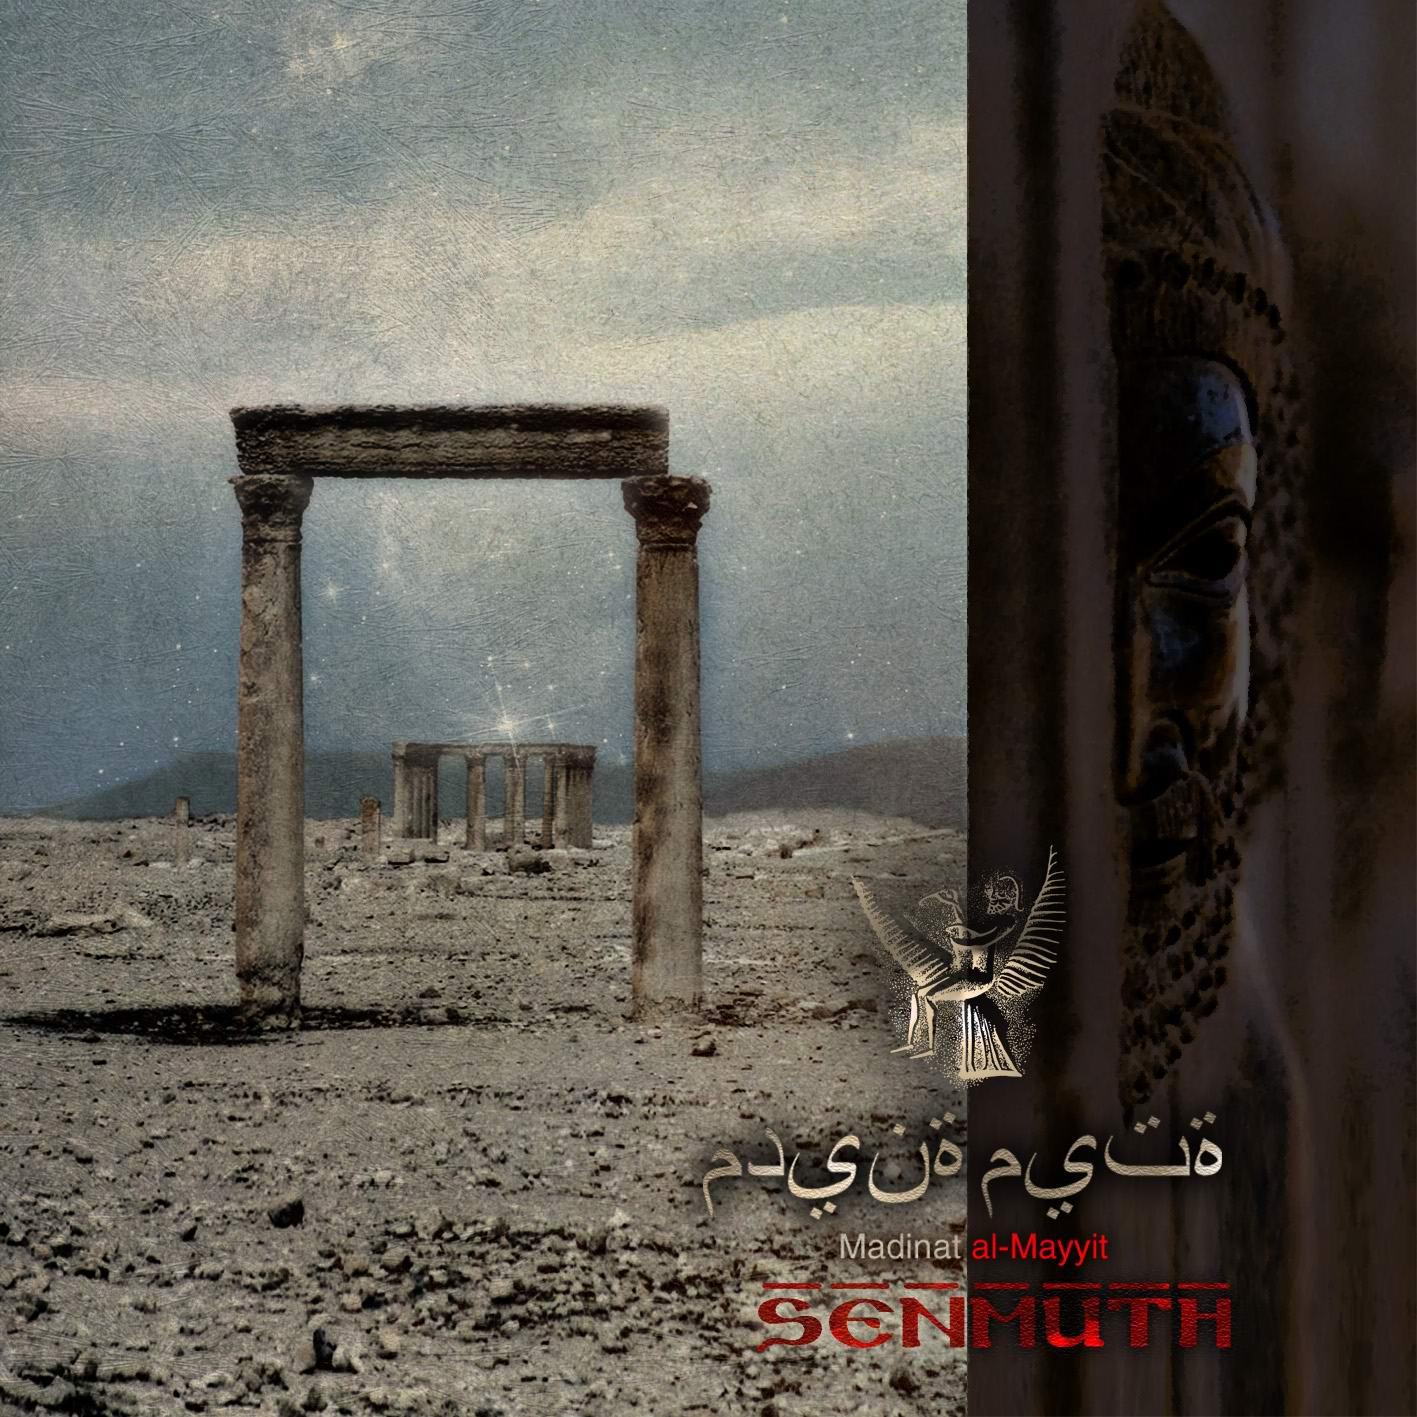 Madinat al-Mayyit